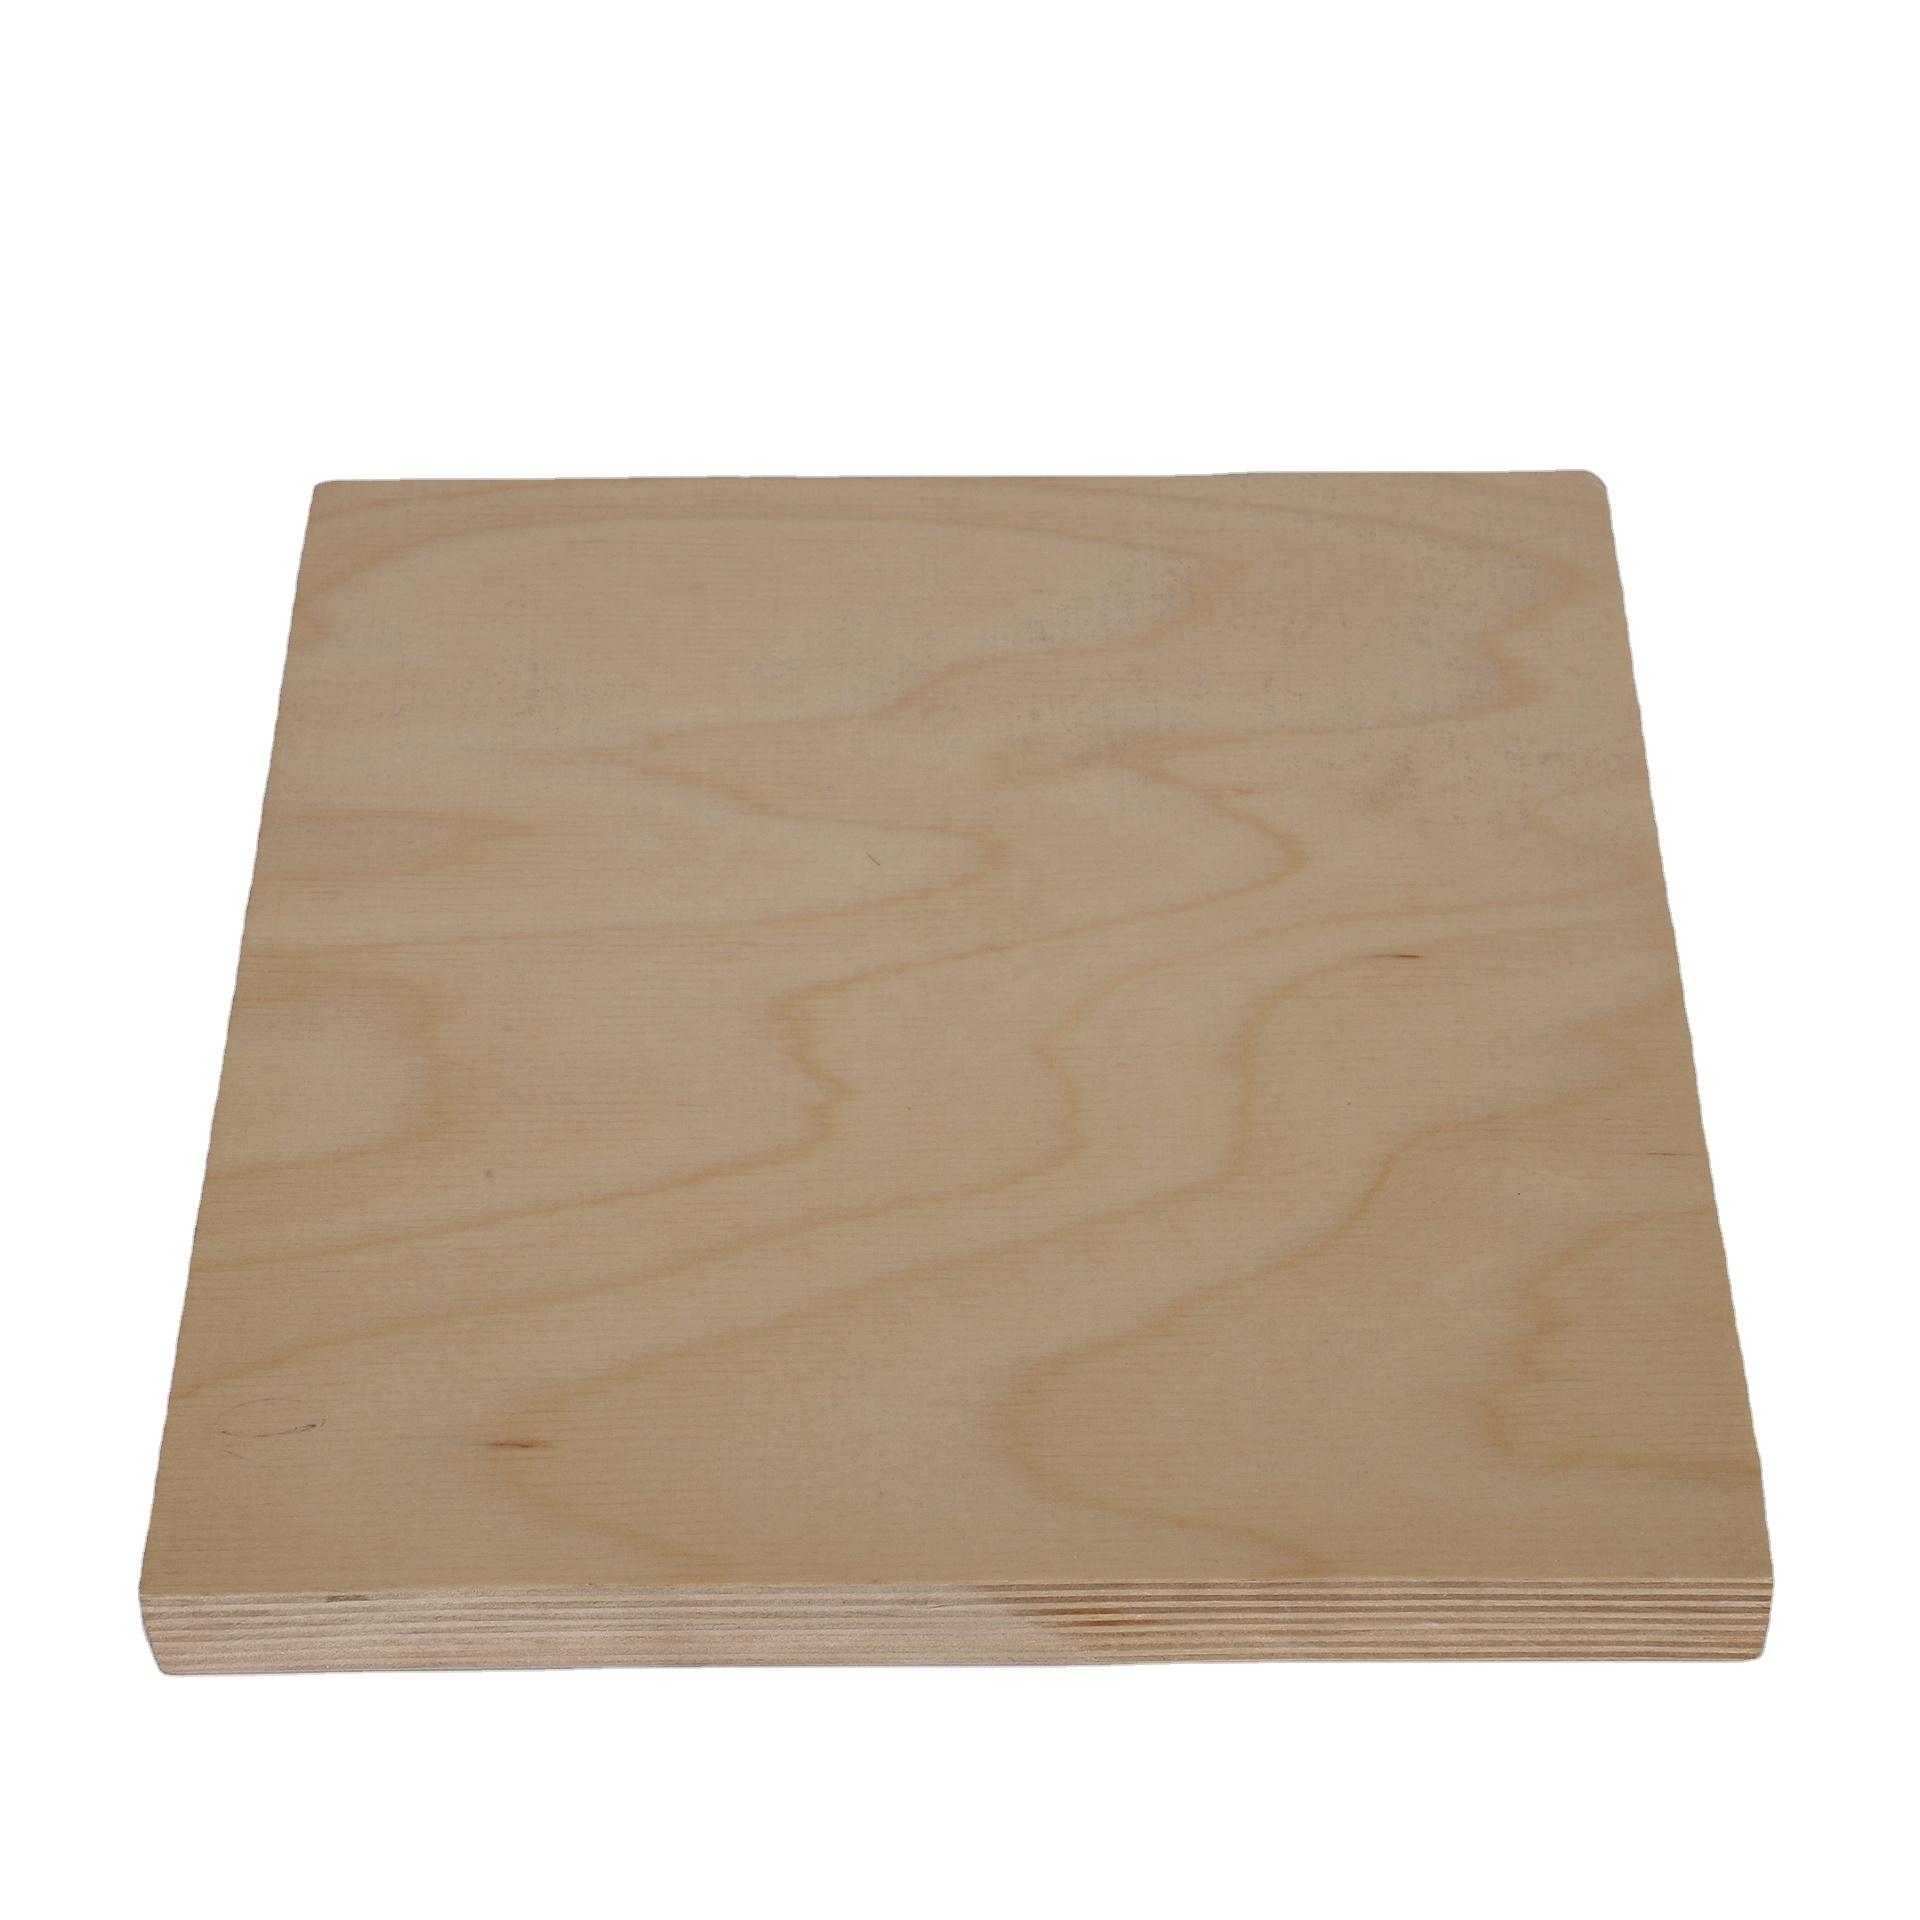 Barato al por mayor mejor calidad ruso de madera contrachapada de abedul de 3mm